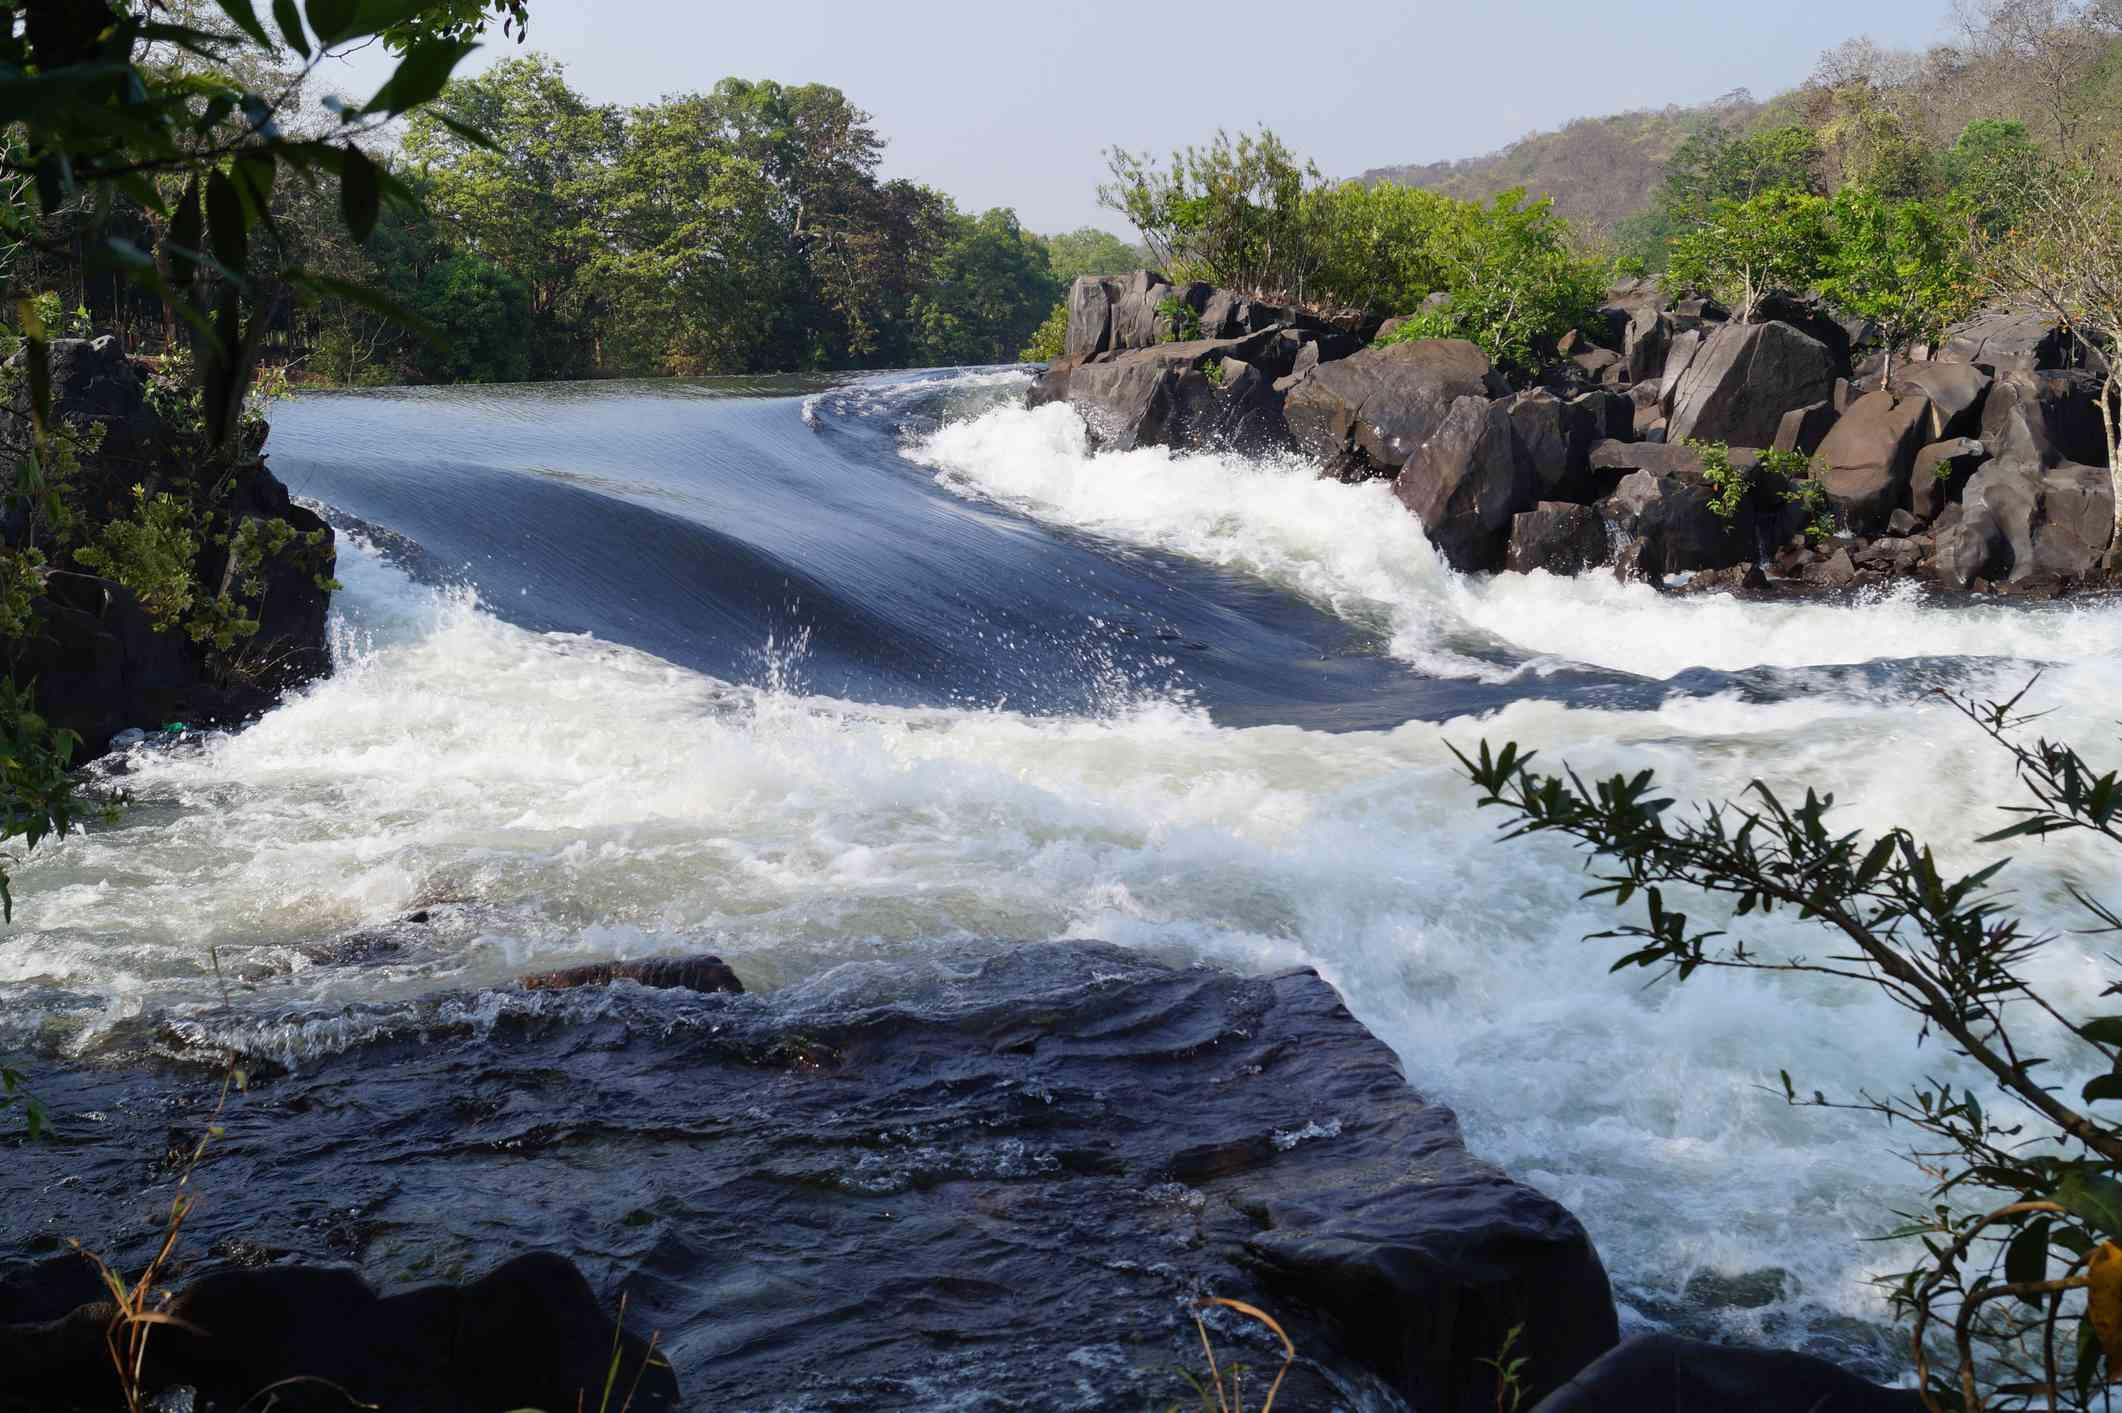 Kali River, Dandeli.